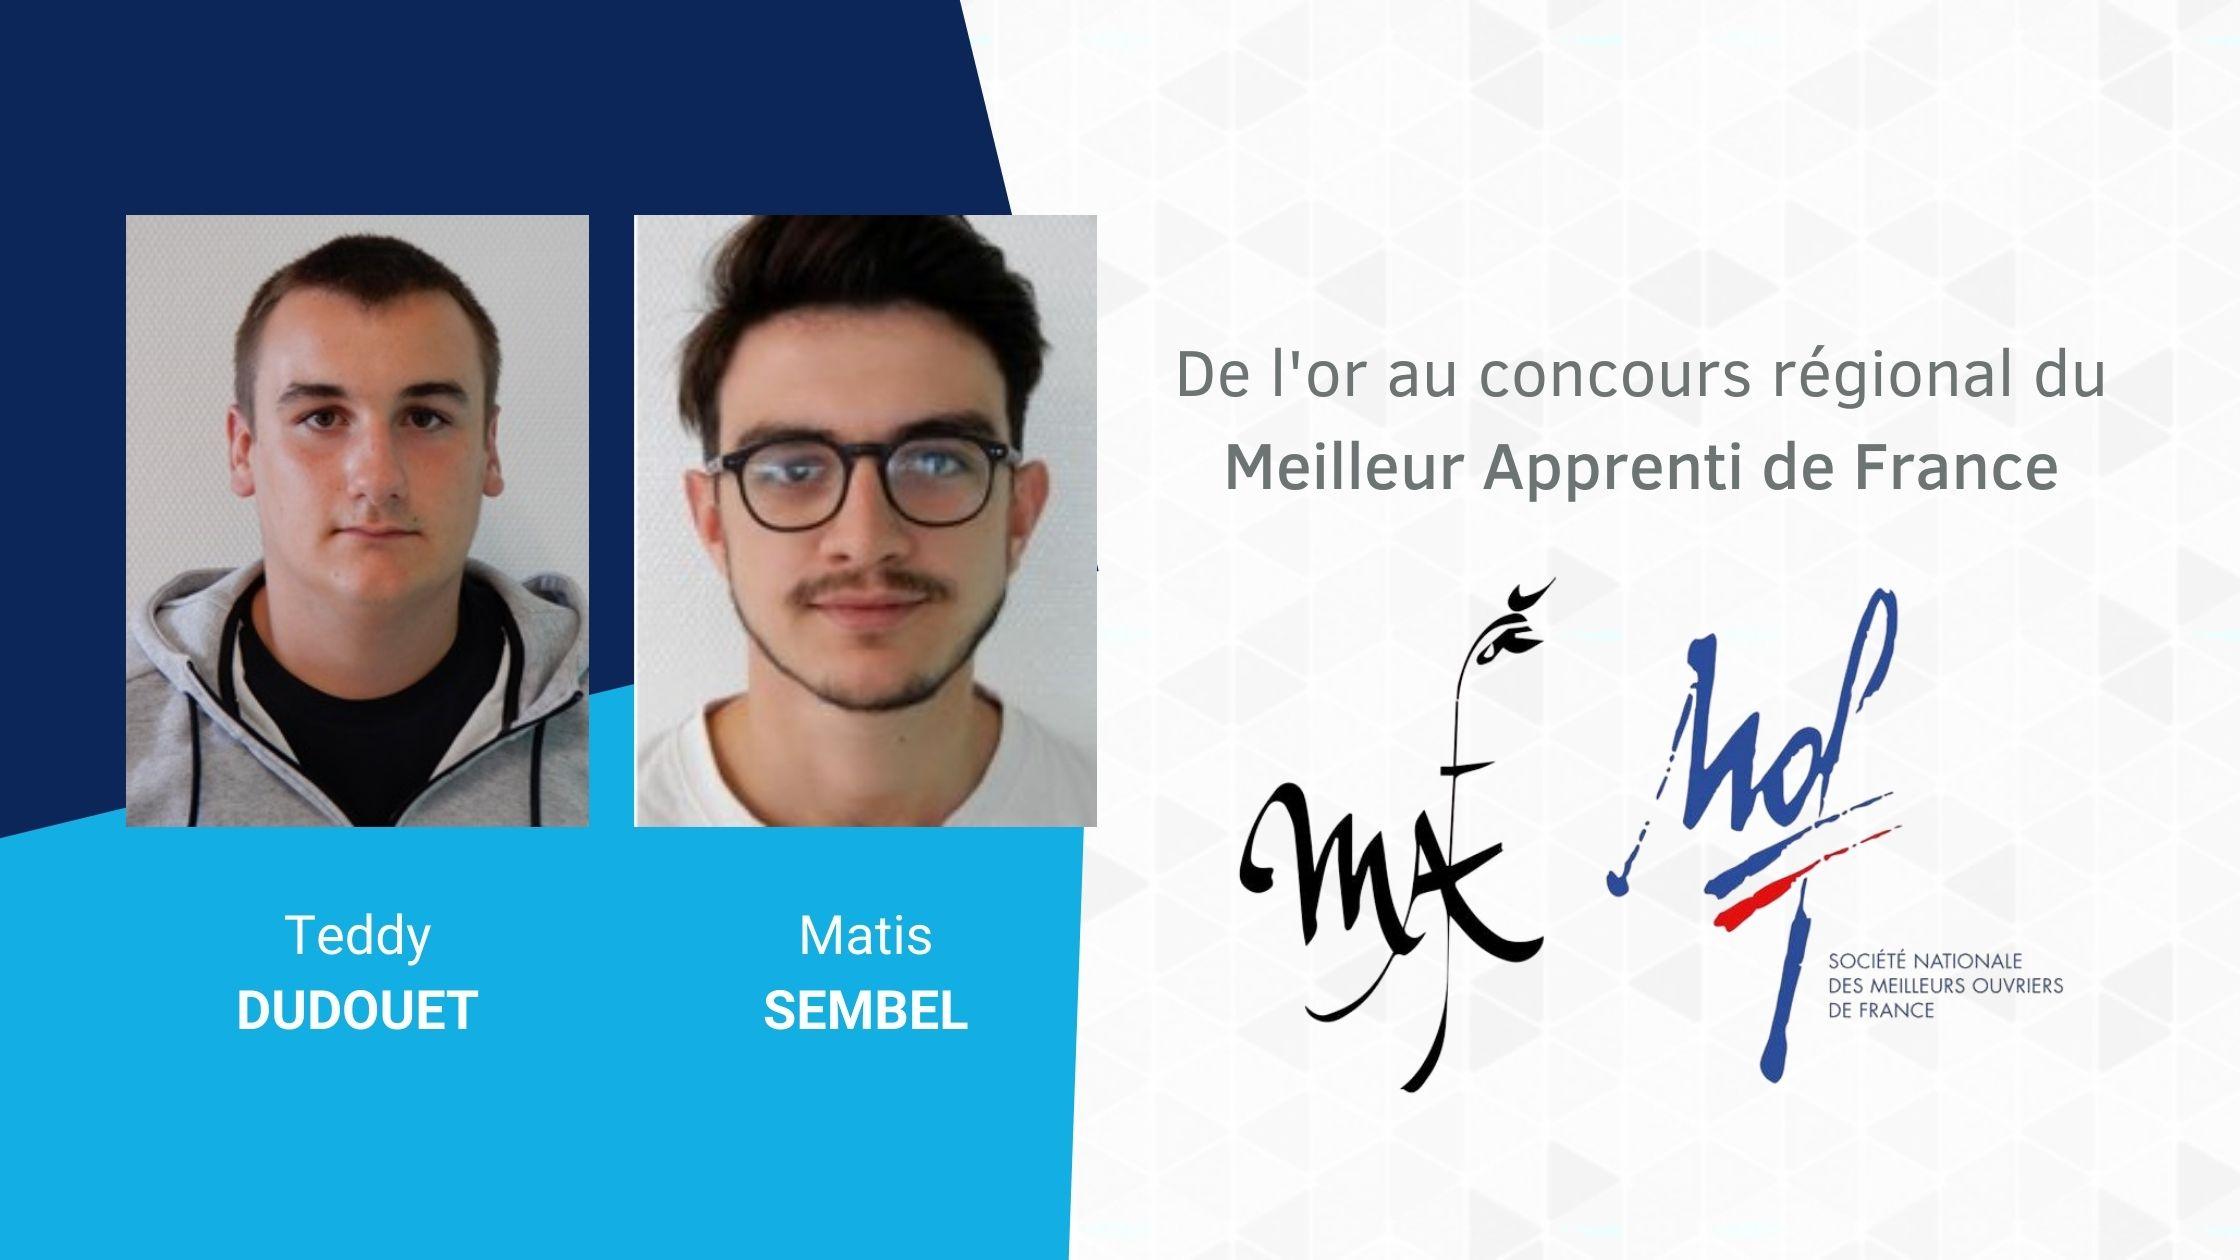 De l'or au concours du Meilleur Apprenti de France